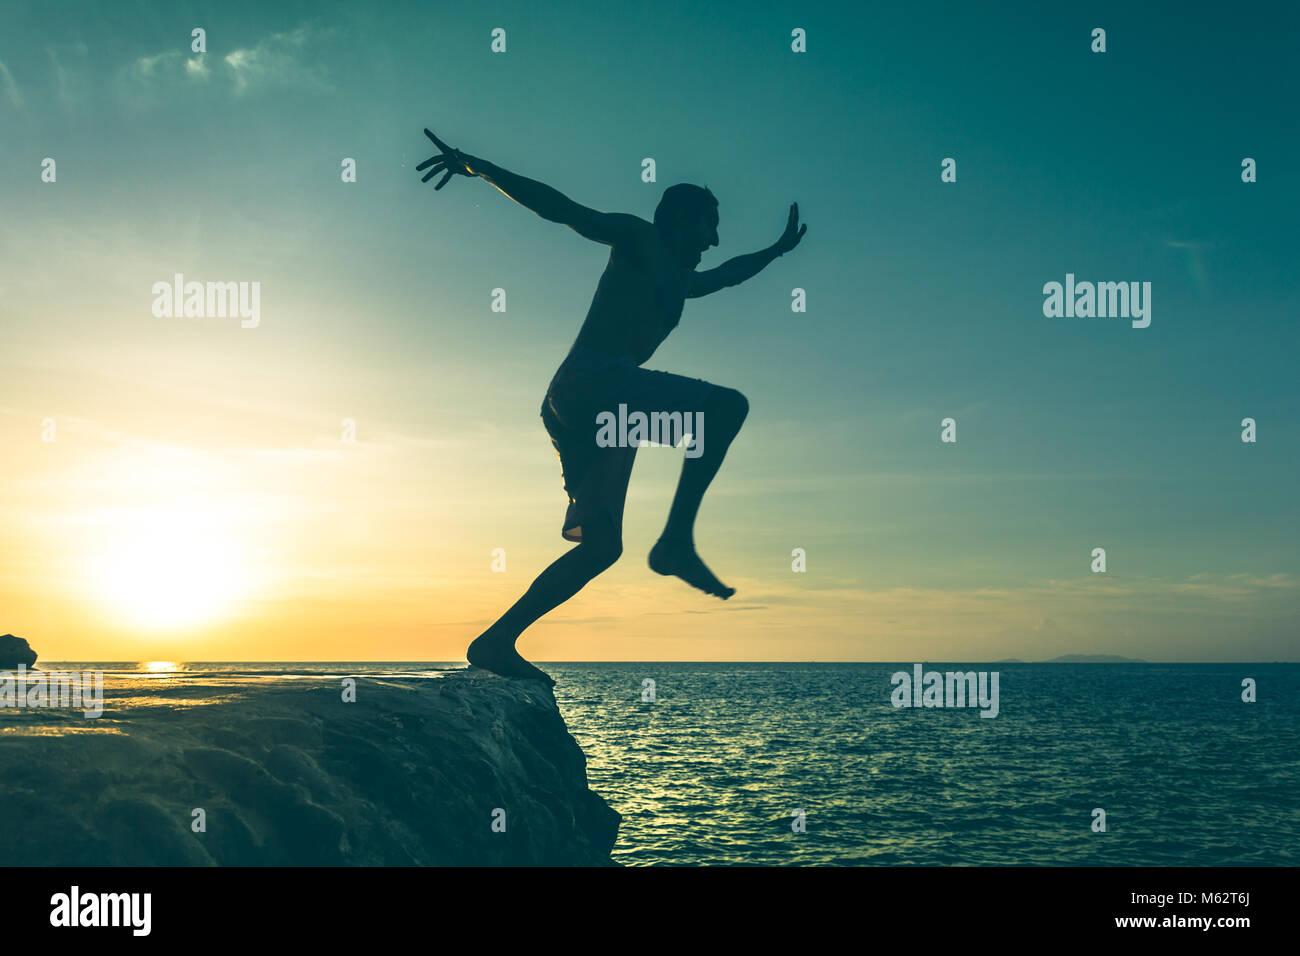 L'uomo saltando su una scogliera in mare sul tramonto in Koh Phangan isola, Thailandia. Effetto vintage. Osate, Immagini Stock